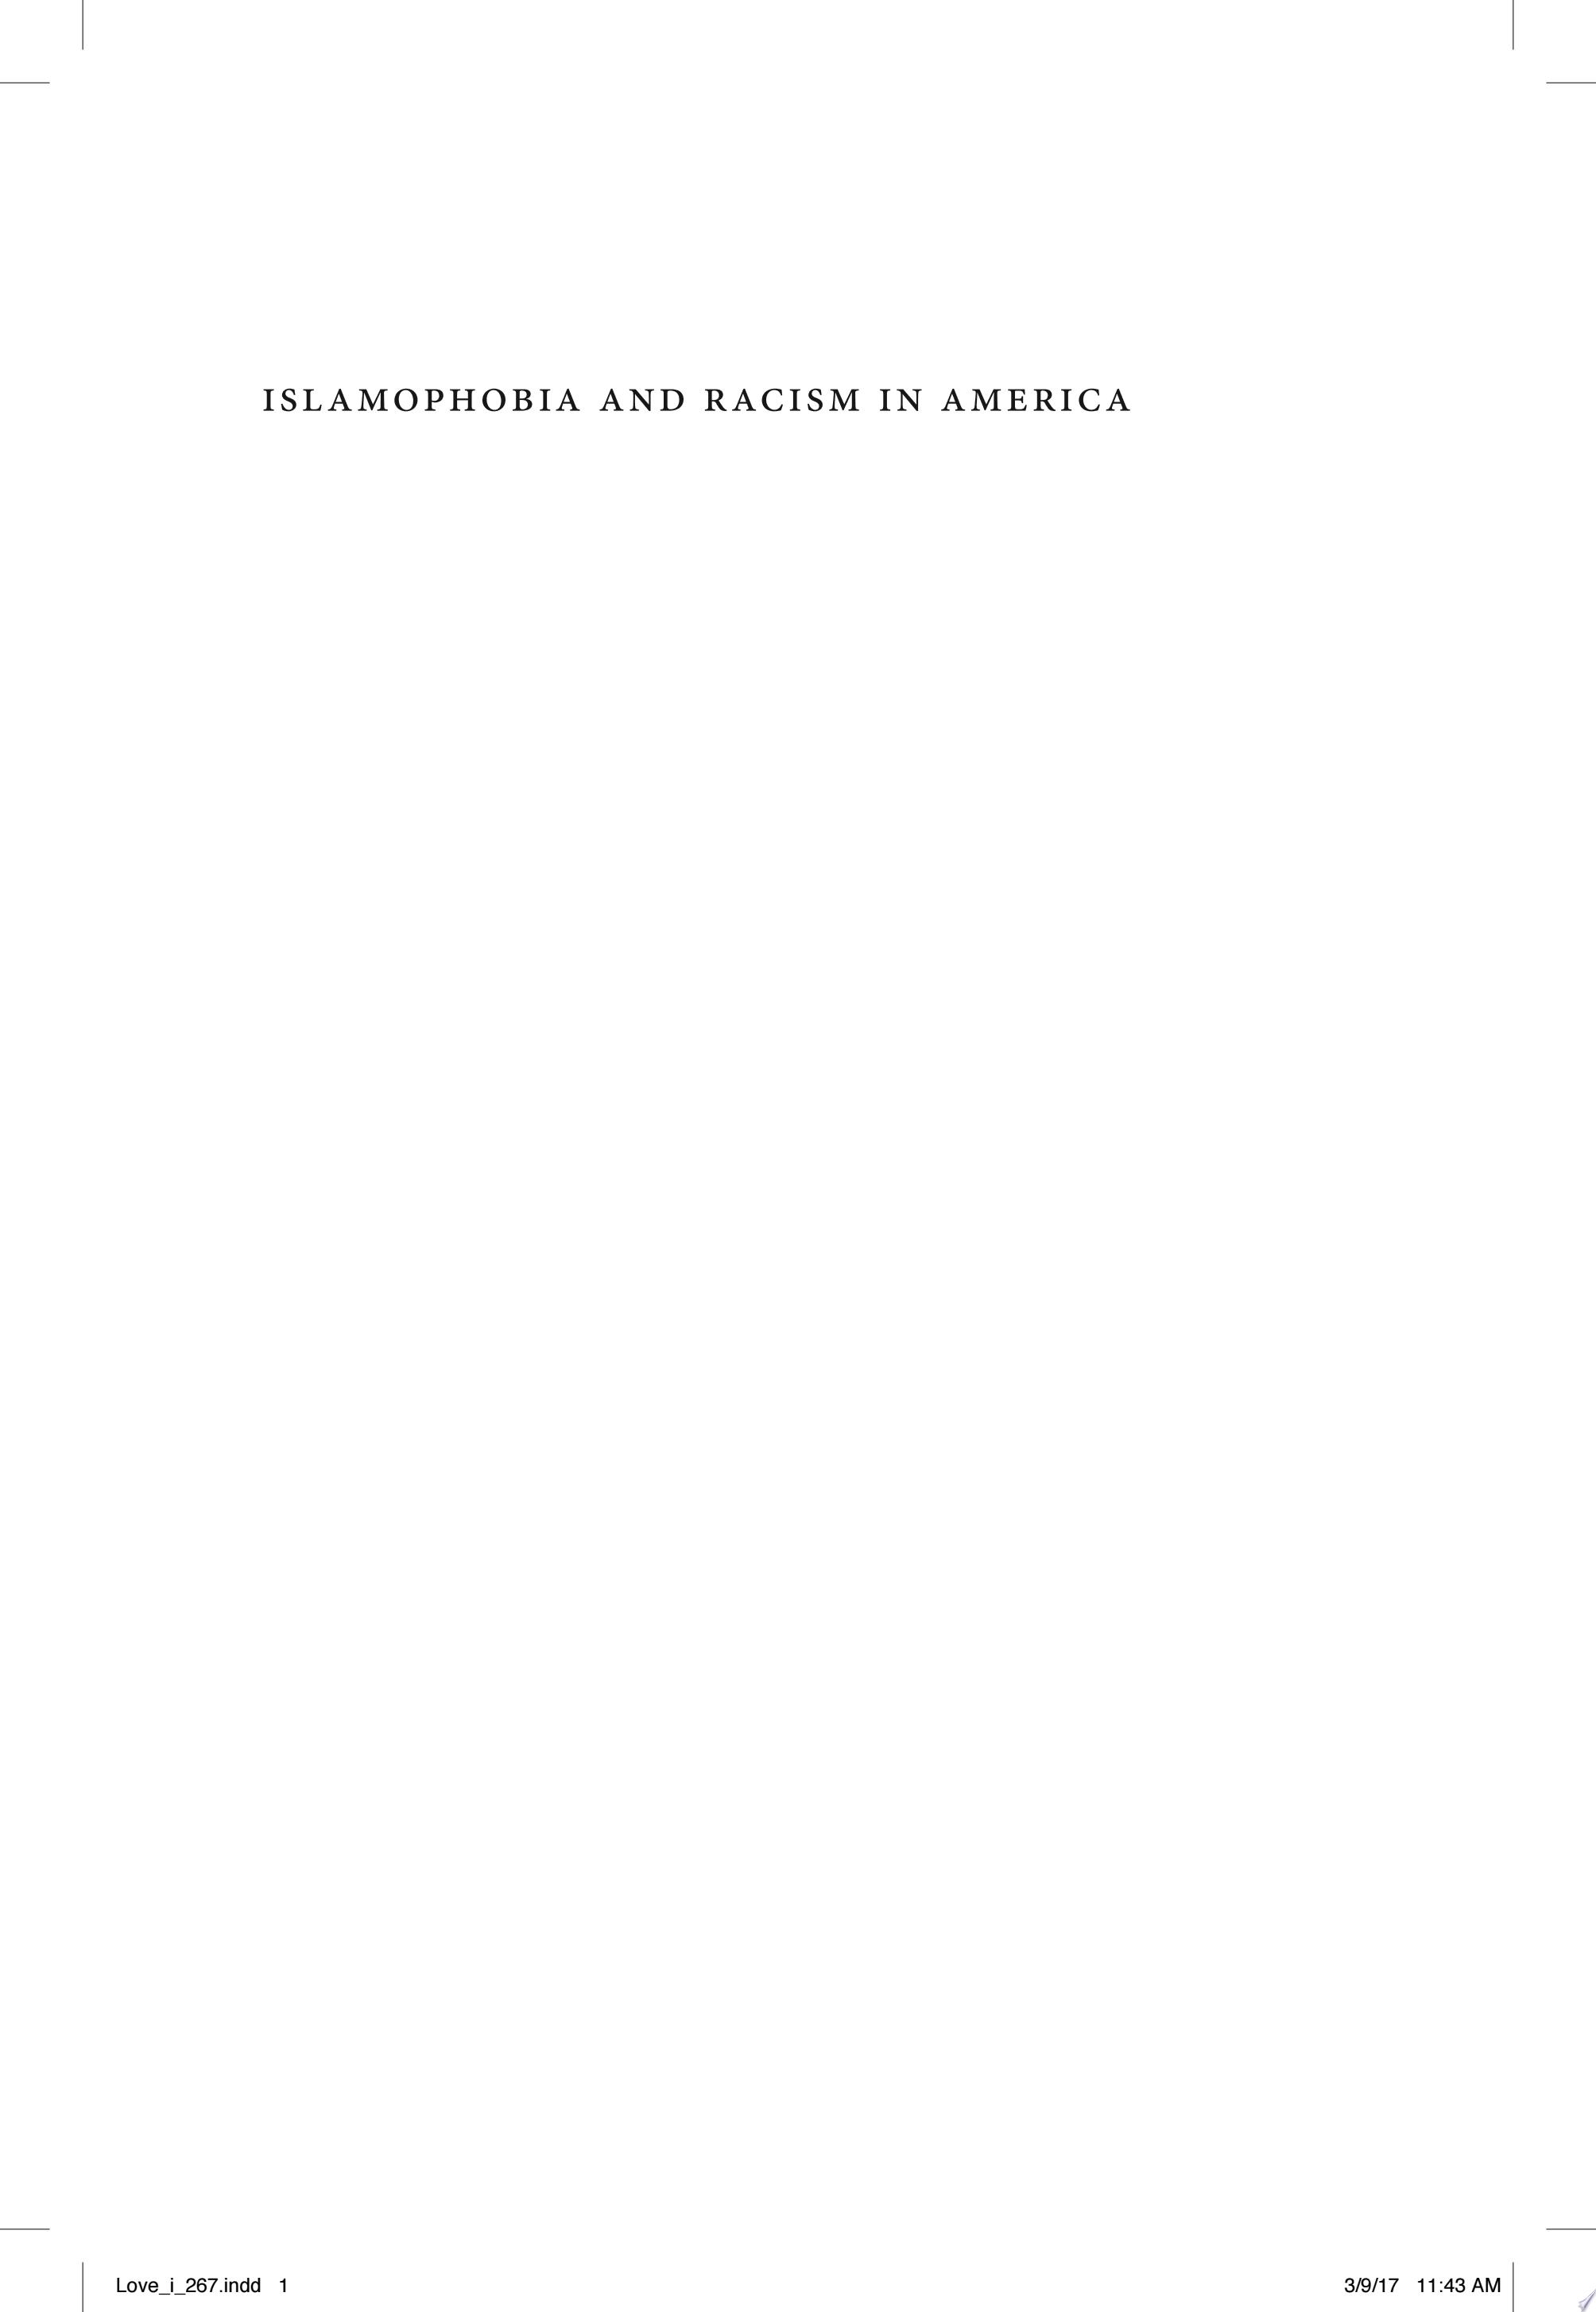 Islamophobia and Racism in America